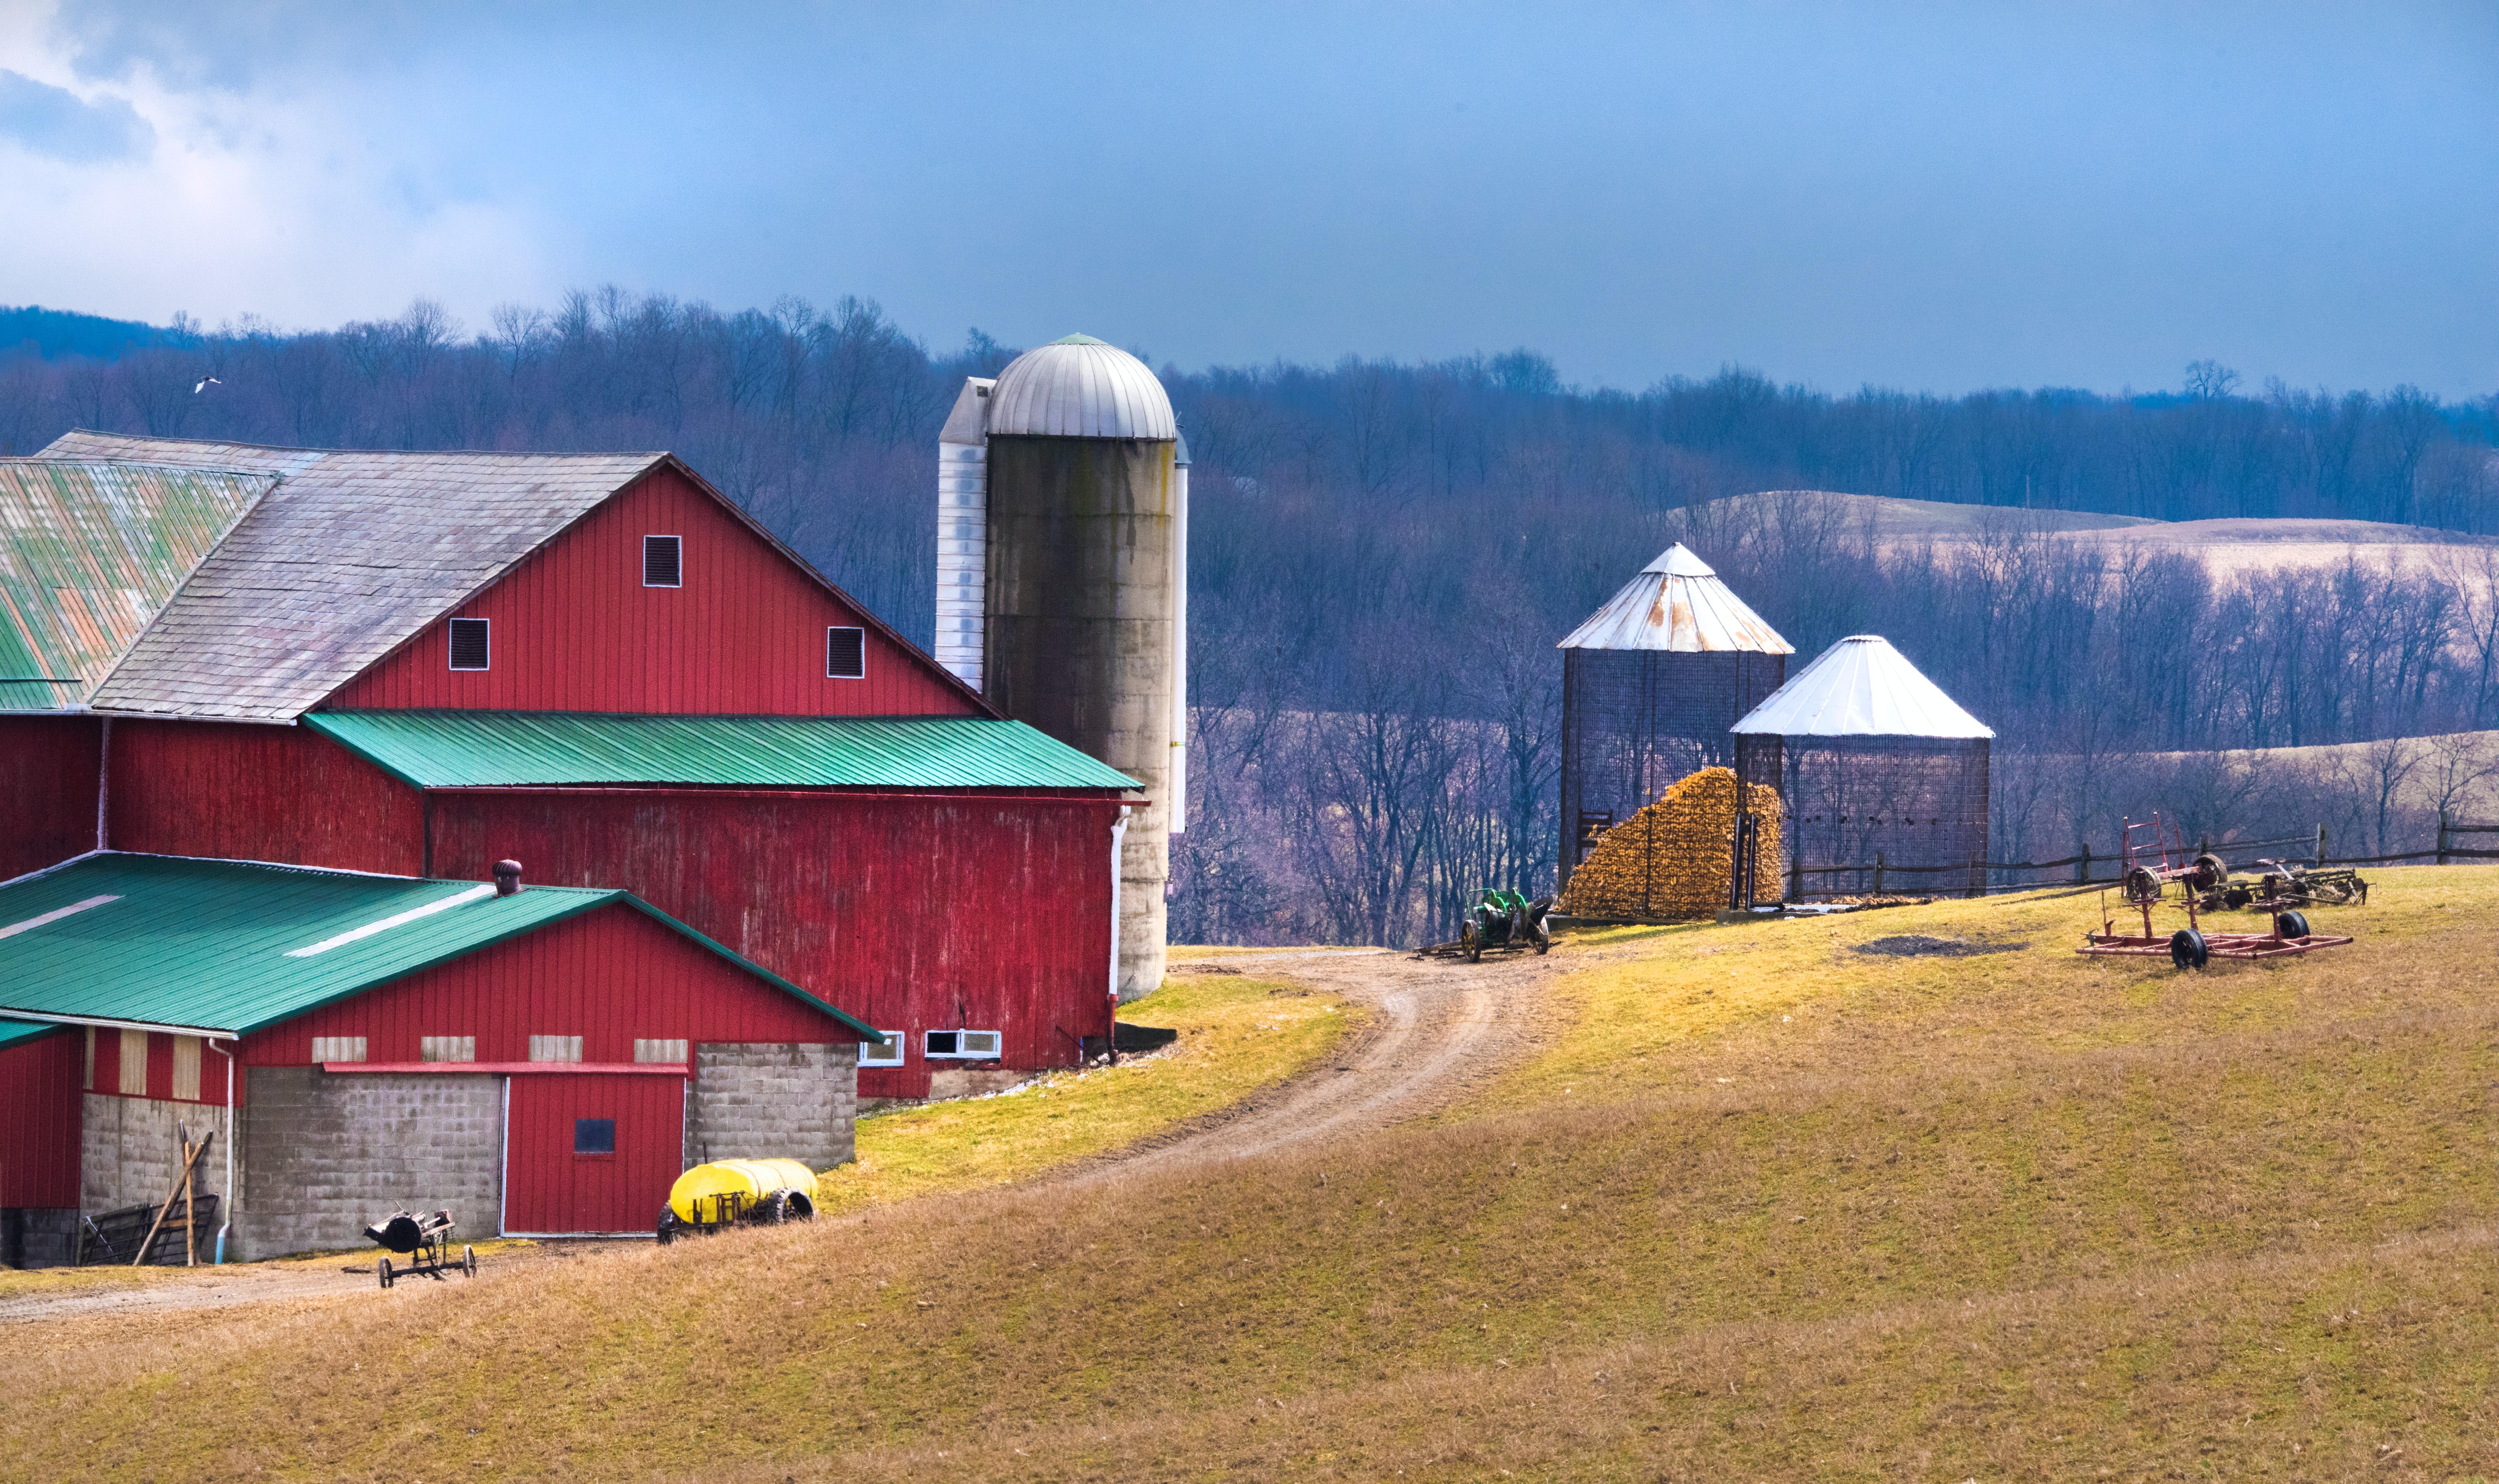 OSHA Won't Investigate Small Farm Injuries, Deaths